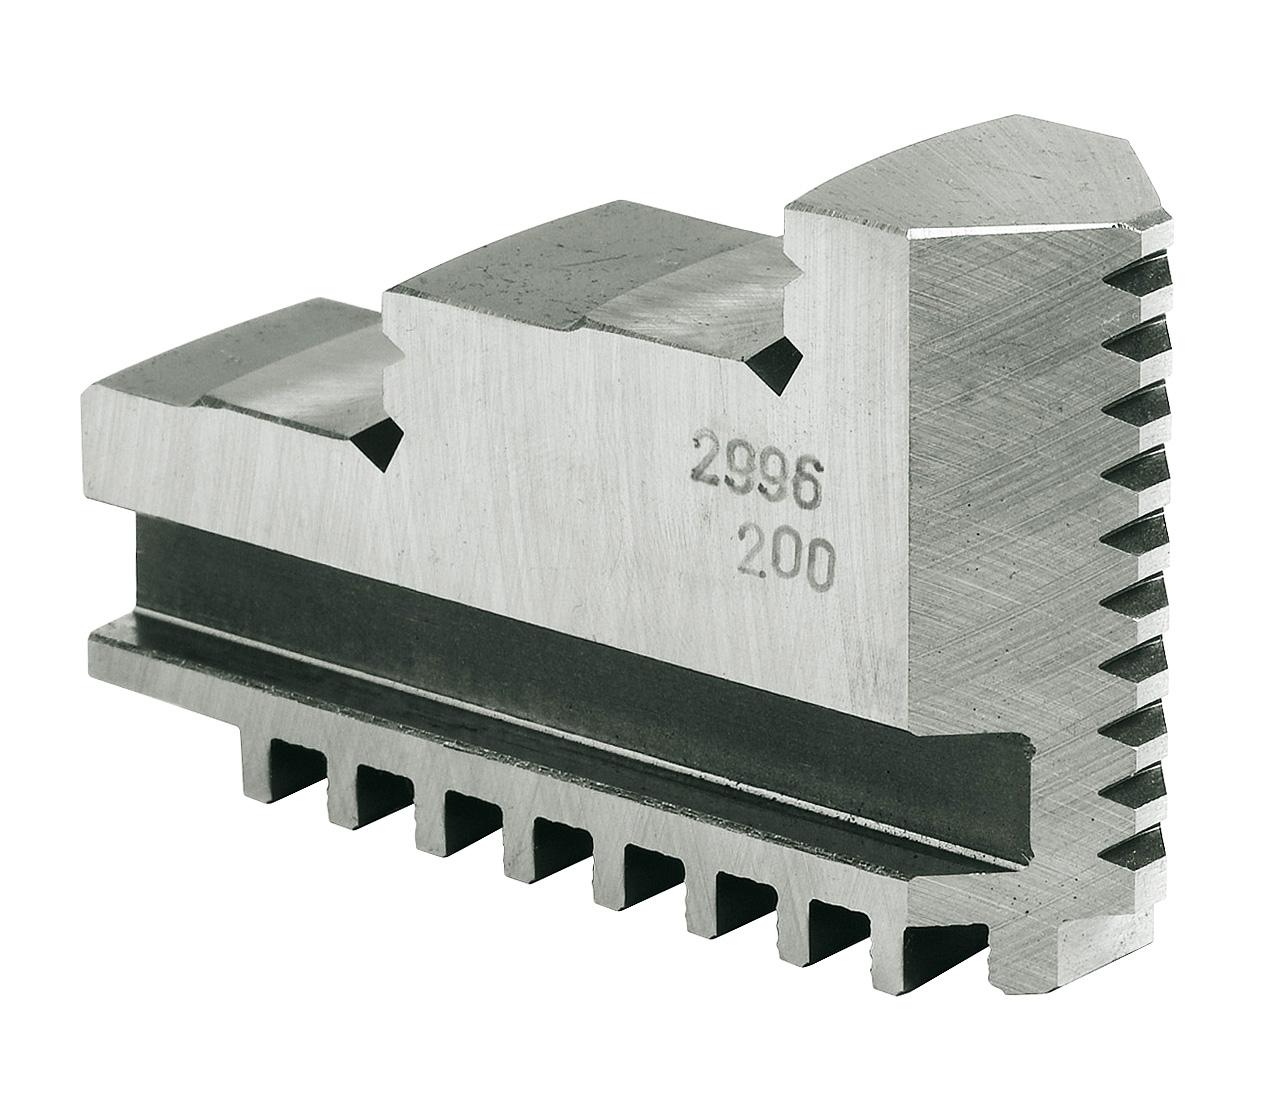 Szczęki jednolite twarde zewnętrzne - komplet OJ-PS4-315 BERNARDO